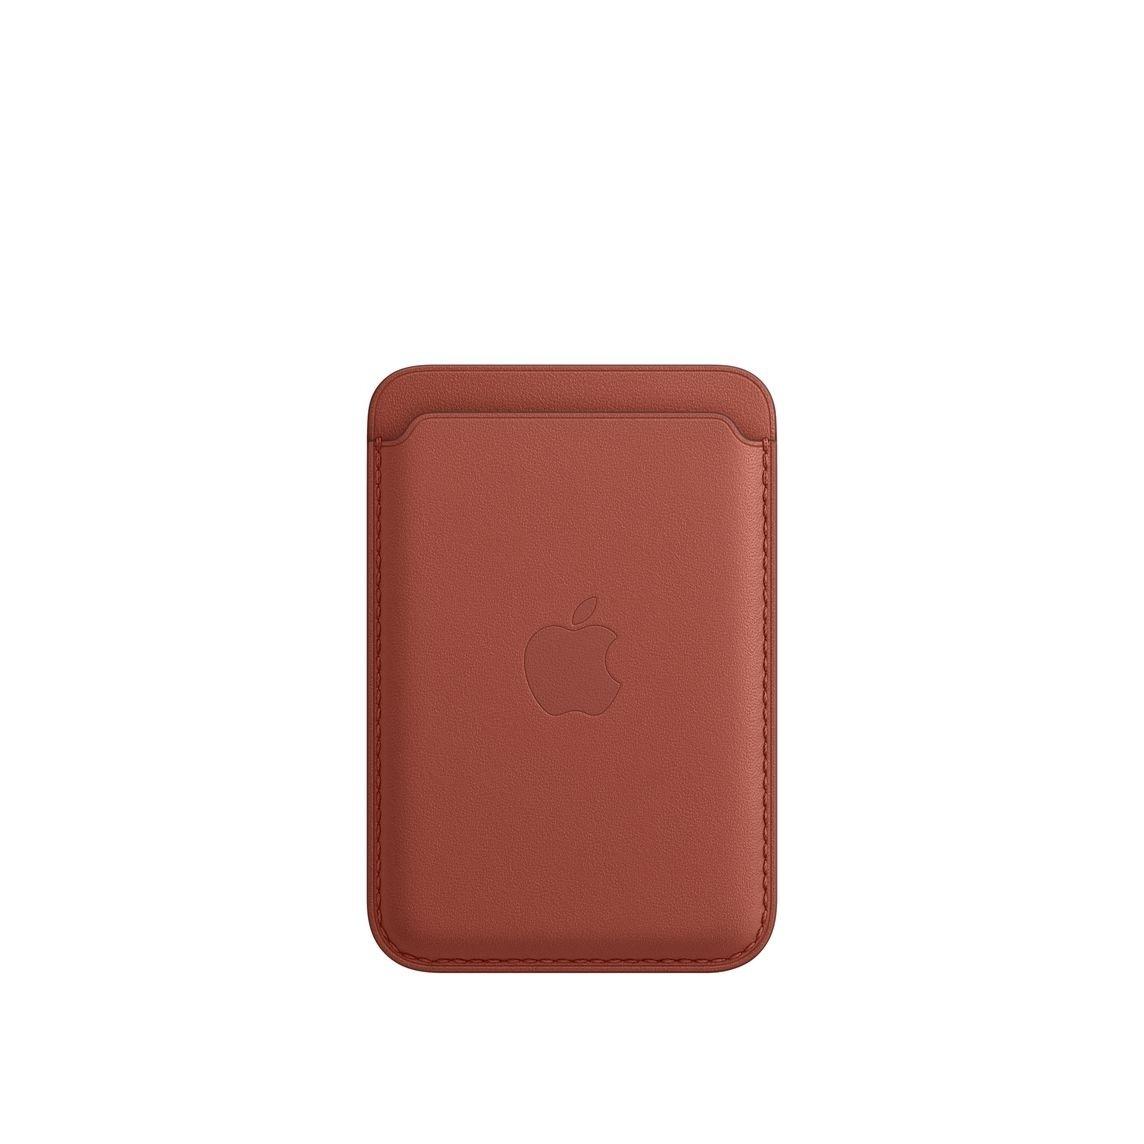 Arizona-colored MagSafe wallet